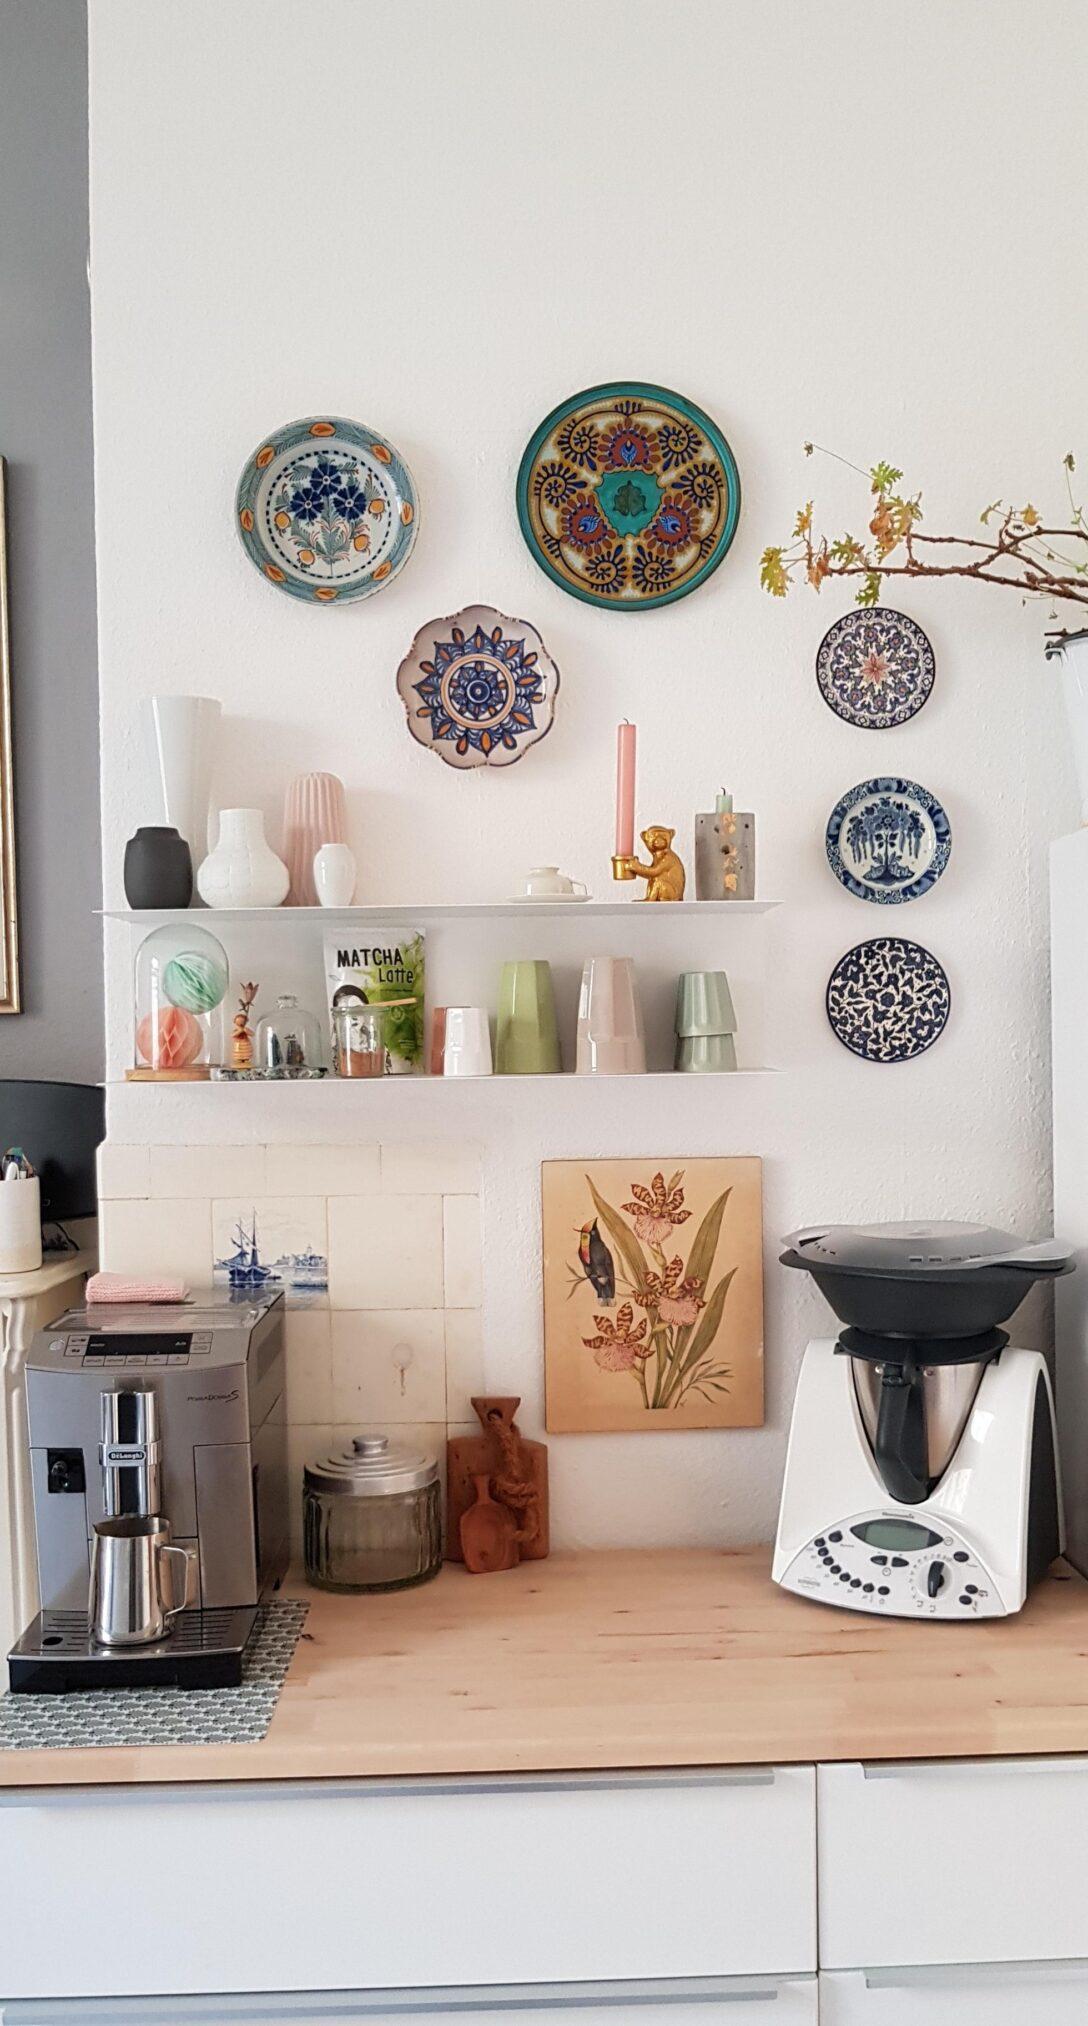 Large Size of Wanddeko Ideen Ldich In Der Community Inspirieren Bad Renovieren Wohnzimmer Tapeten Küche Wohnzimmer Wanddeko Ideen